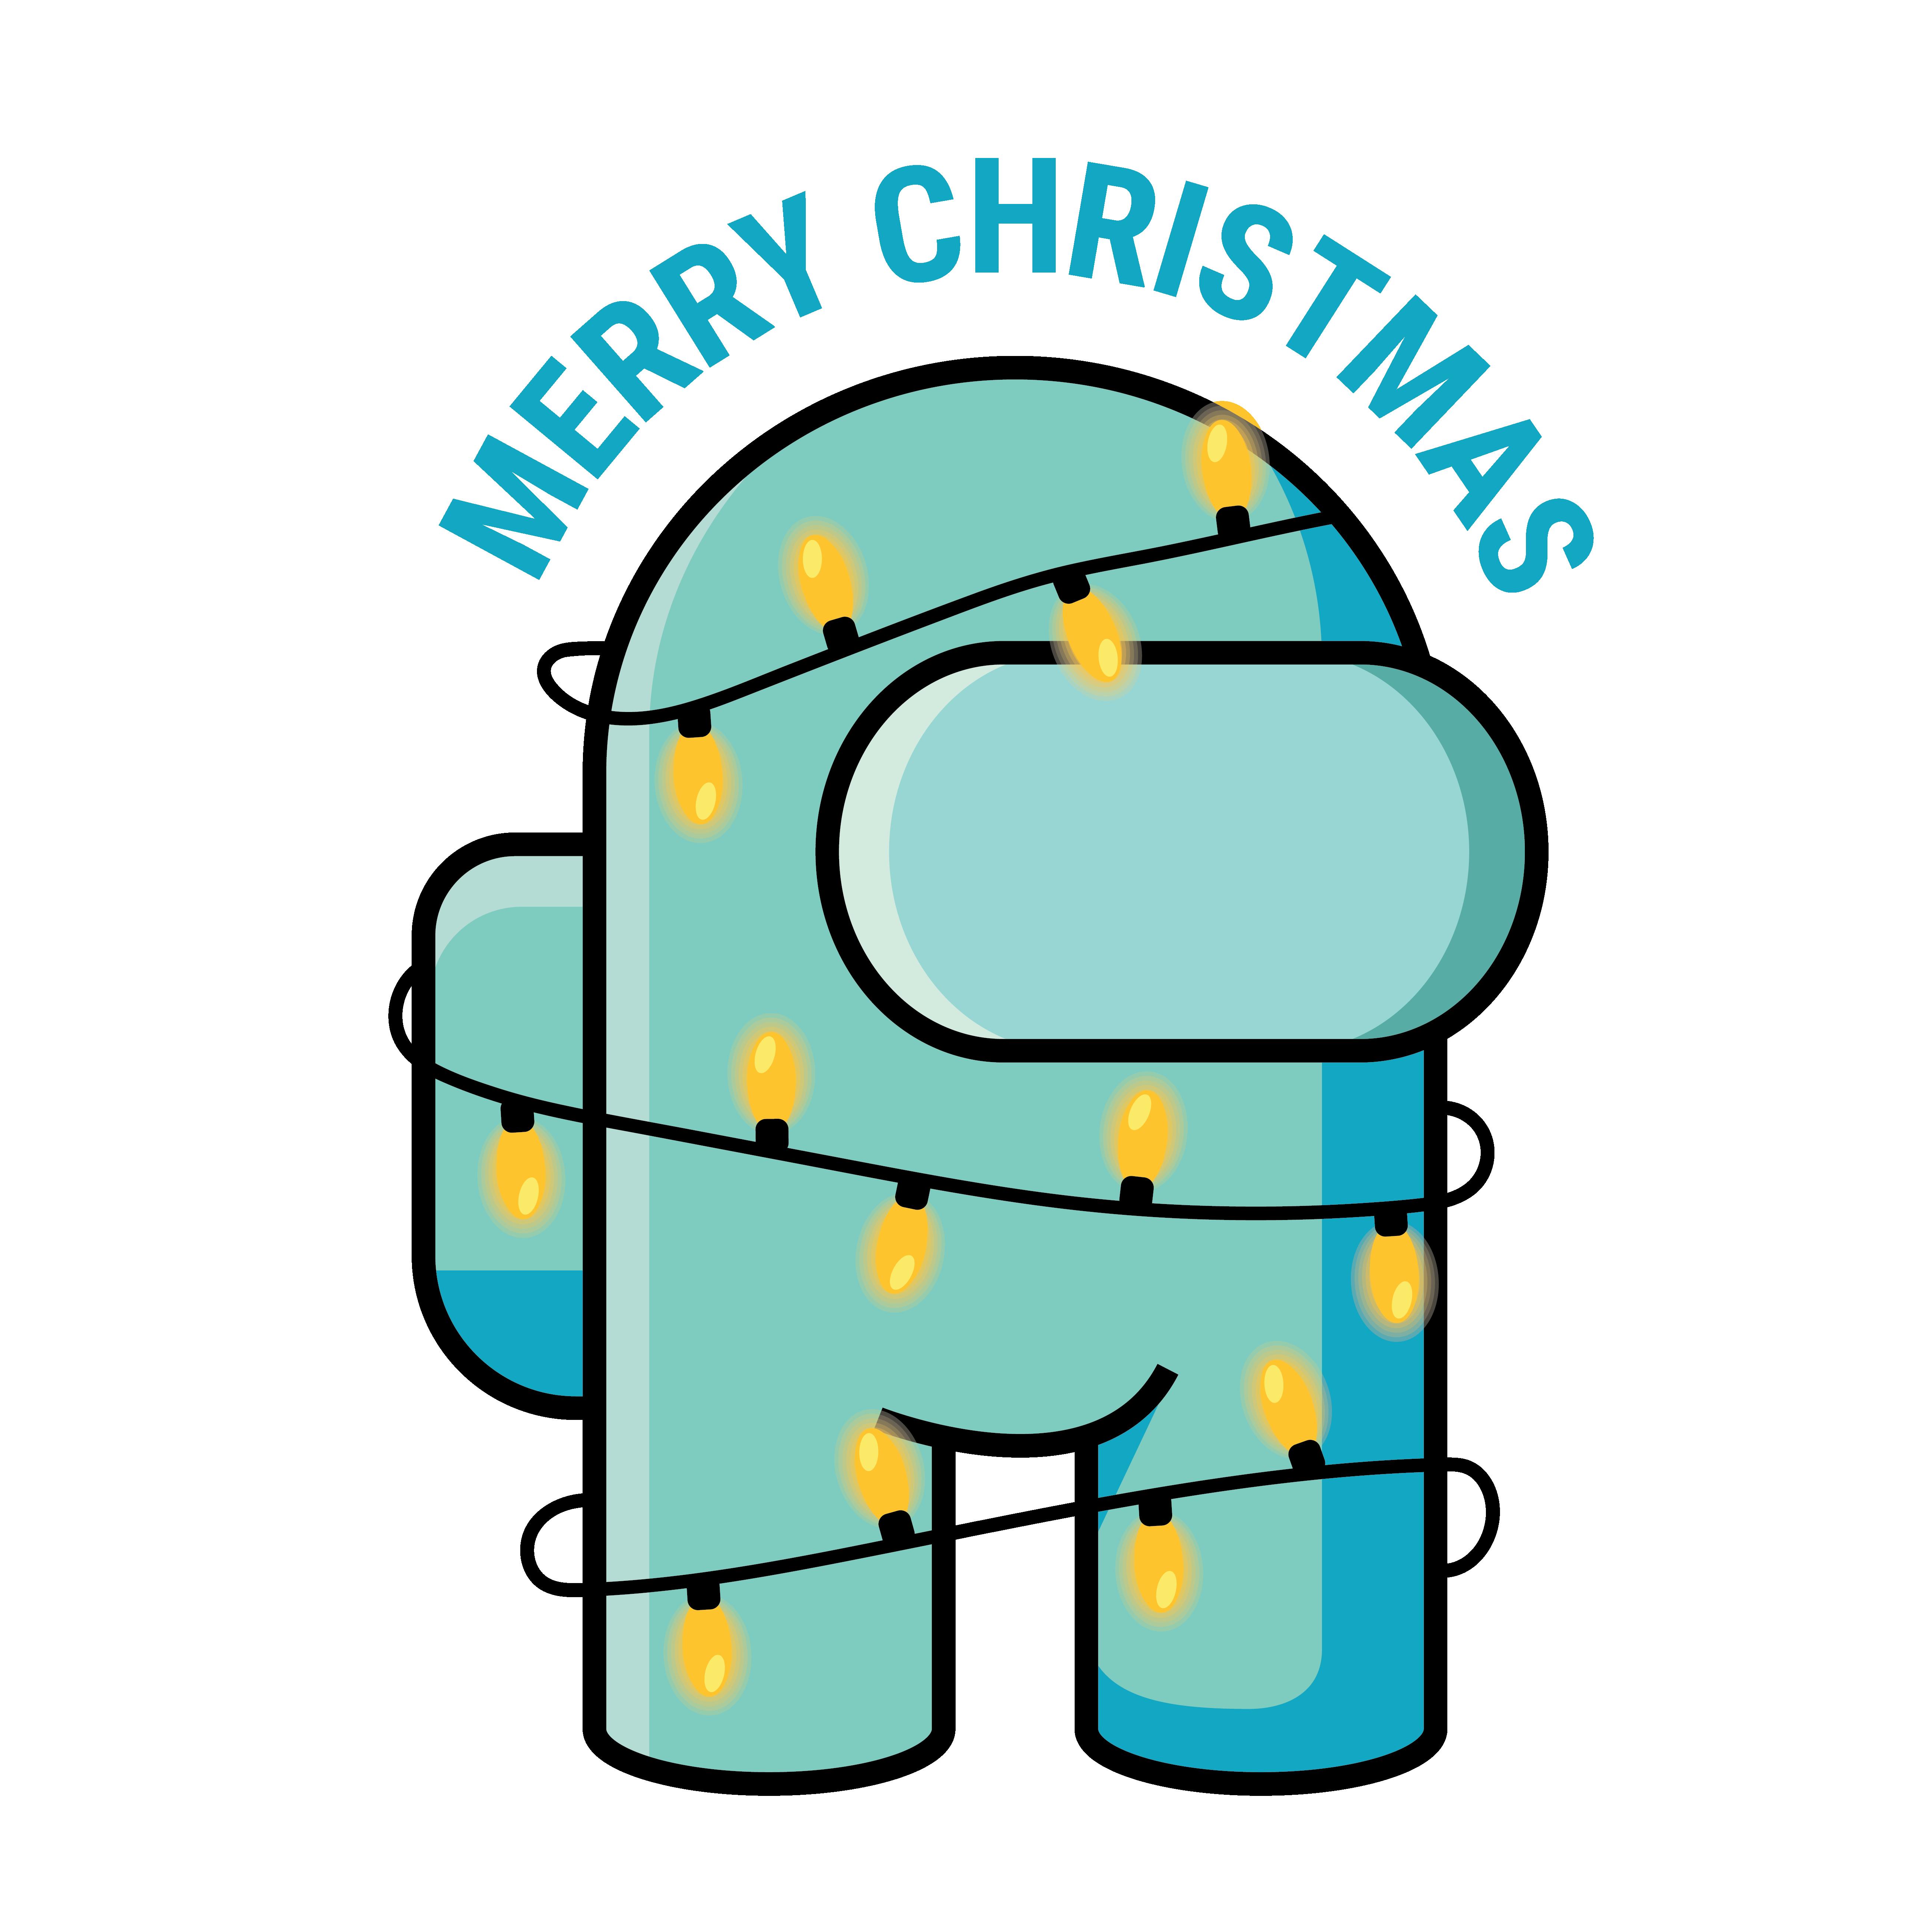 70 Among Us Christmas Edition Pack Png Format Among Us Characters Clipart Among Us Merry Christmas Bundle Among Us Christmas Tree Fan Art Merry Merry Christmas